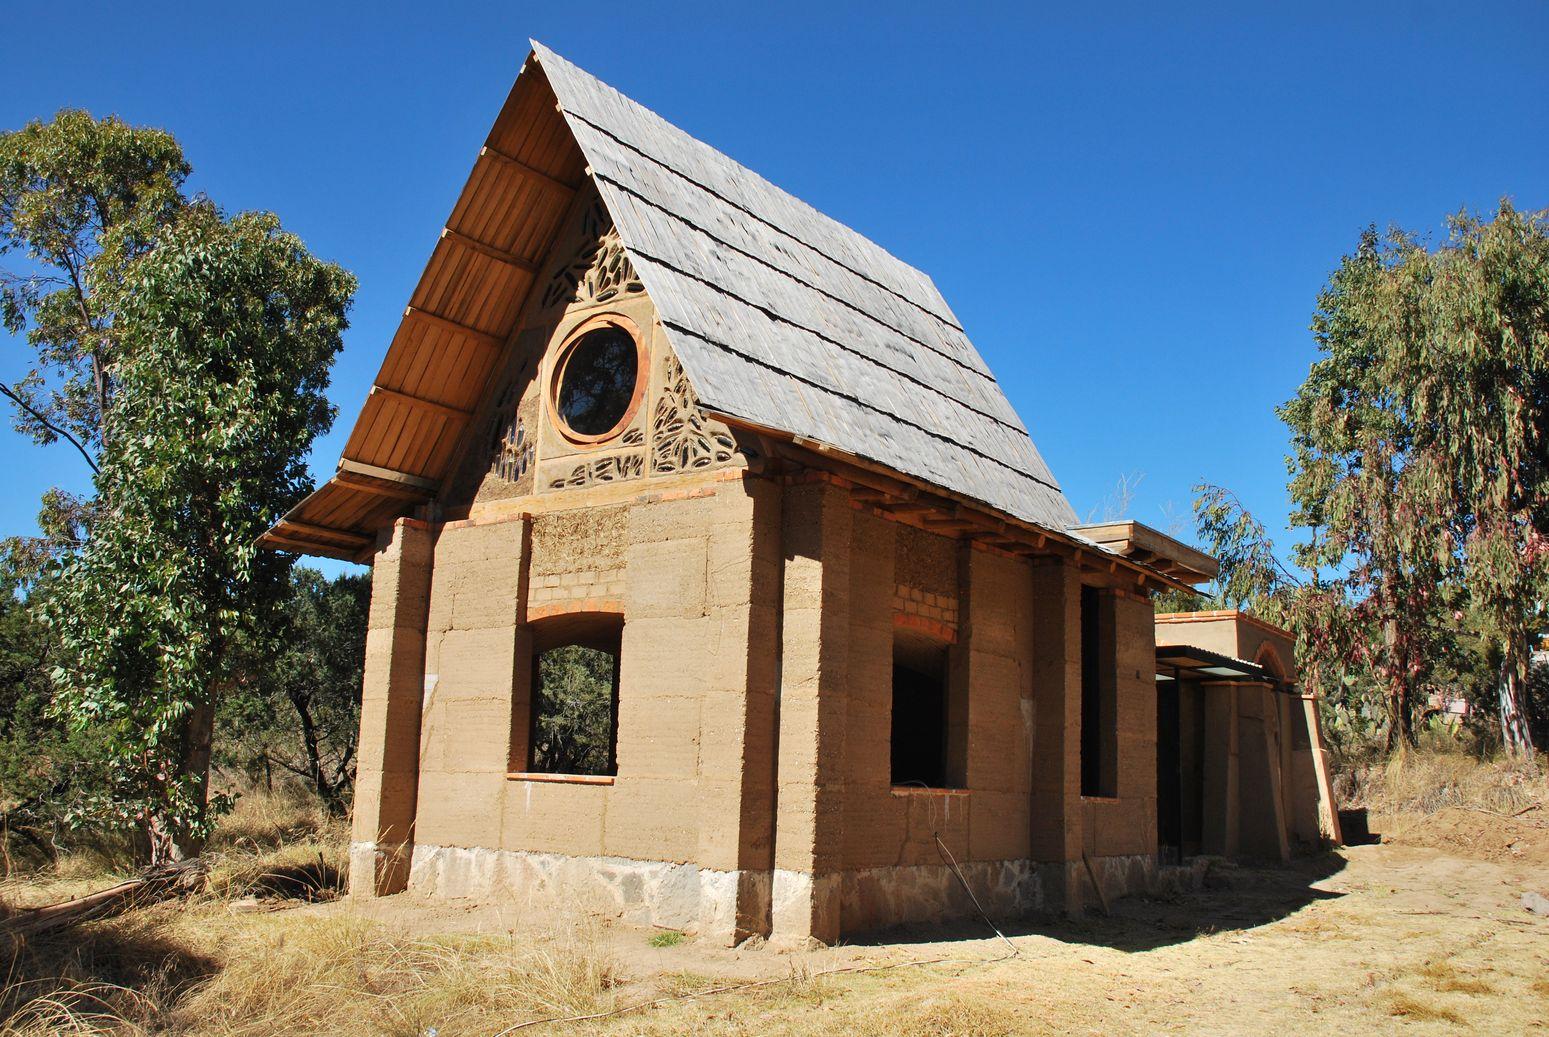 Projet San Isidro à Tlaxclo: Au cœur du Mexique, un lieu de formation et de recherche pour des constructions naturelles